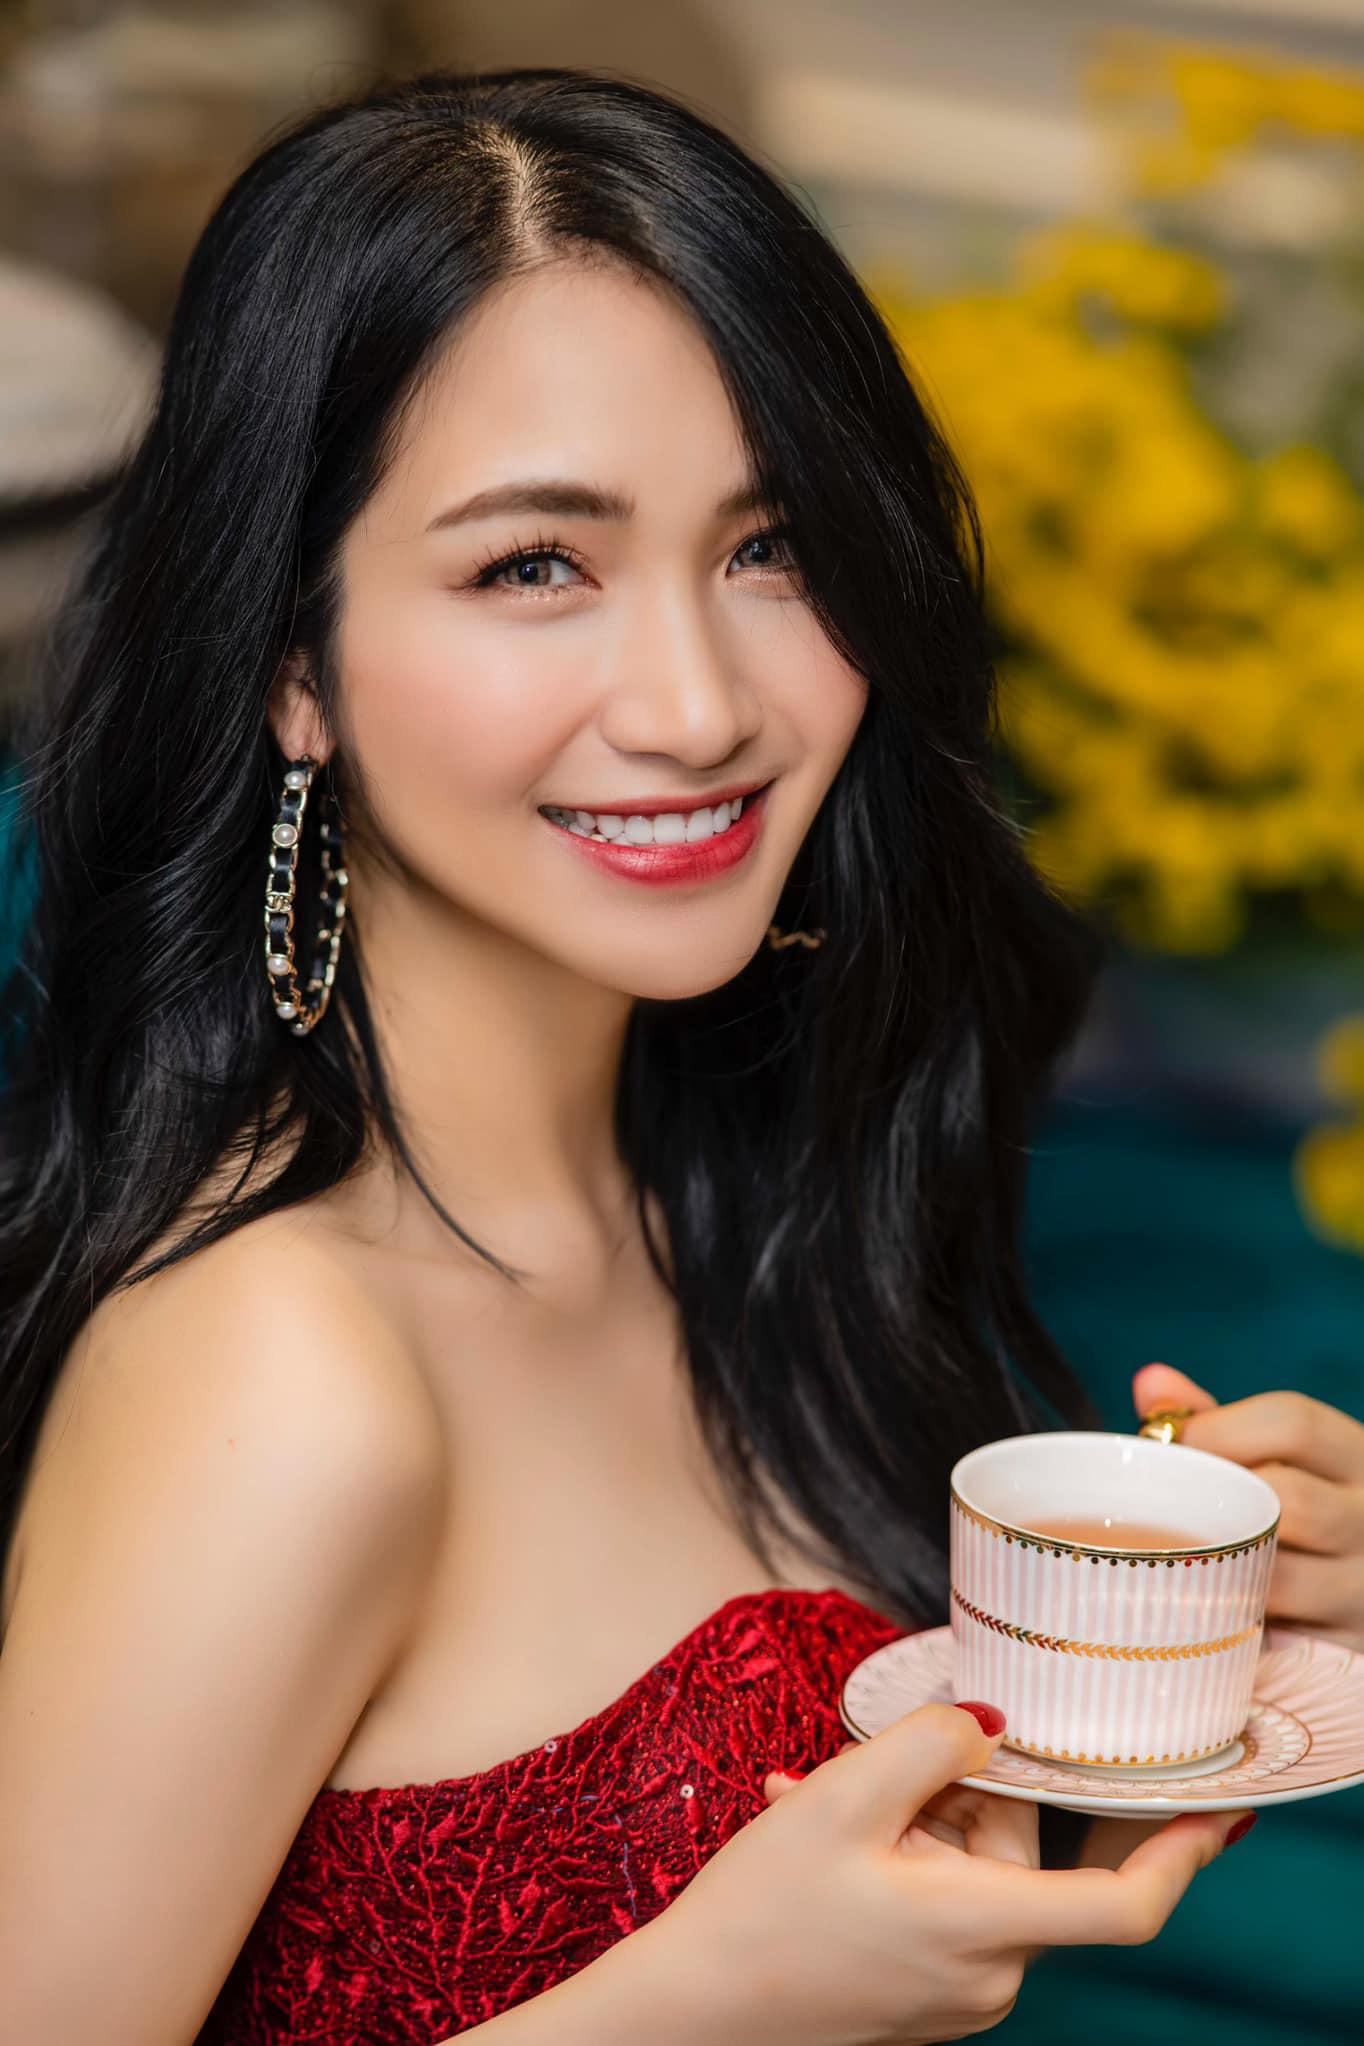 Mùa đông Đà Lạt sẽ ấm áp hơn với Hoa Nở Không Màu phiên bản mới cùng đêm nhạc Music Diary by Nguyễn Minh Cường